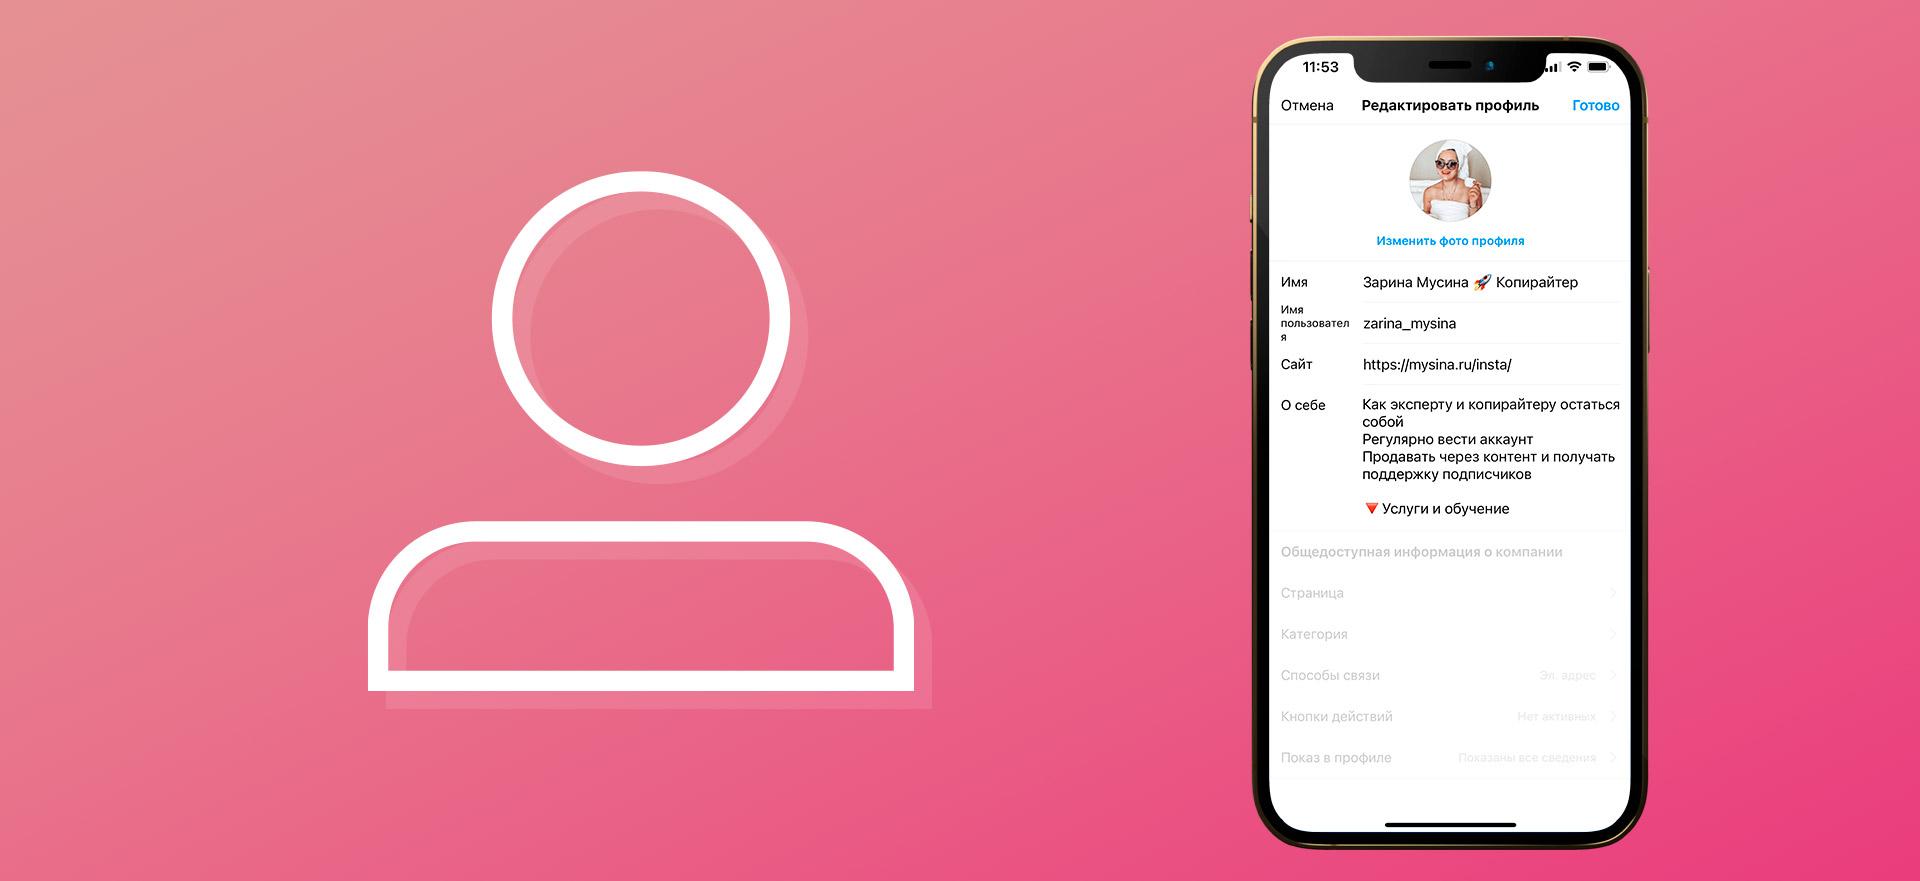 Шапка профиля в Инстаграм: как сделать красивое описание профиля, которое привлечет подписчиков?